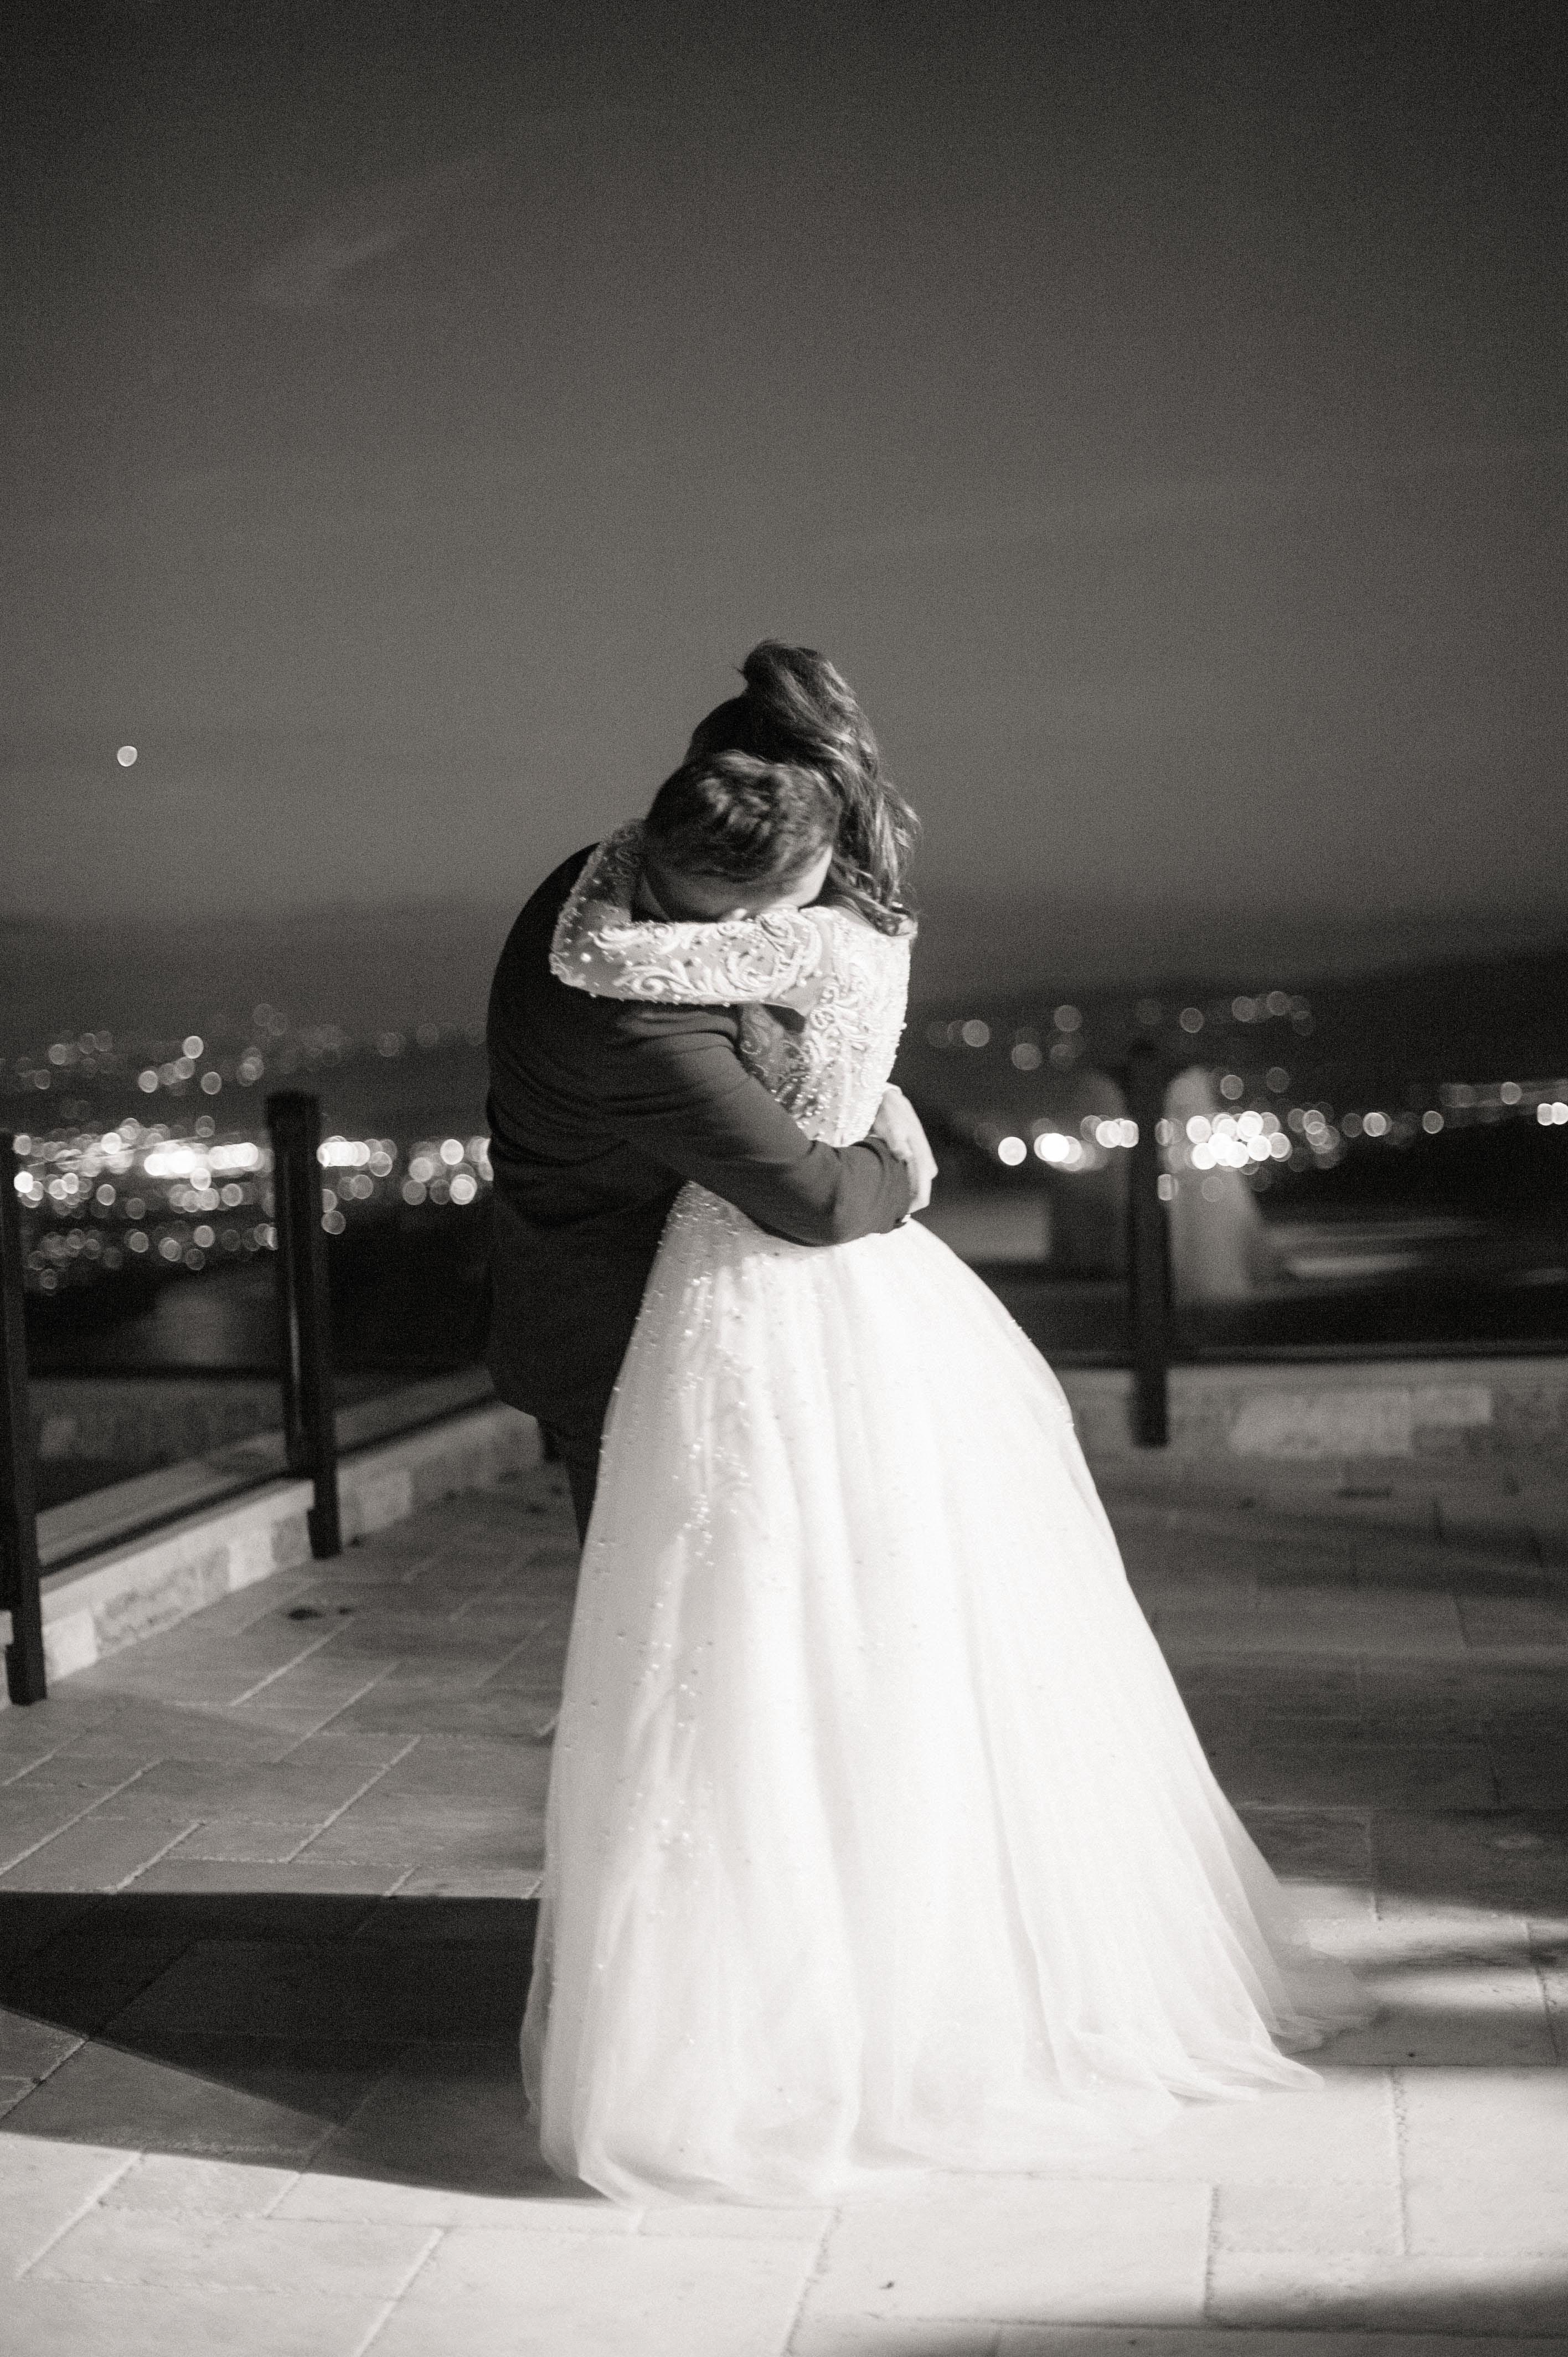 tillie dalton wedding first dance